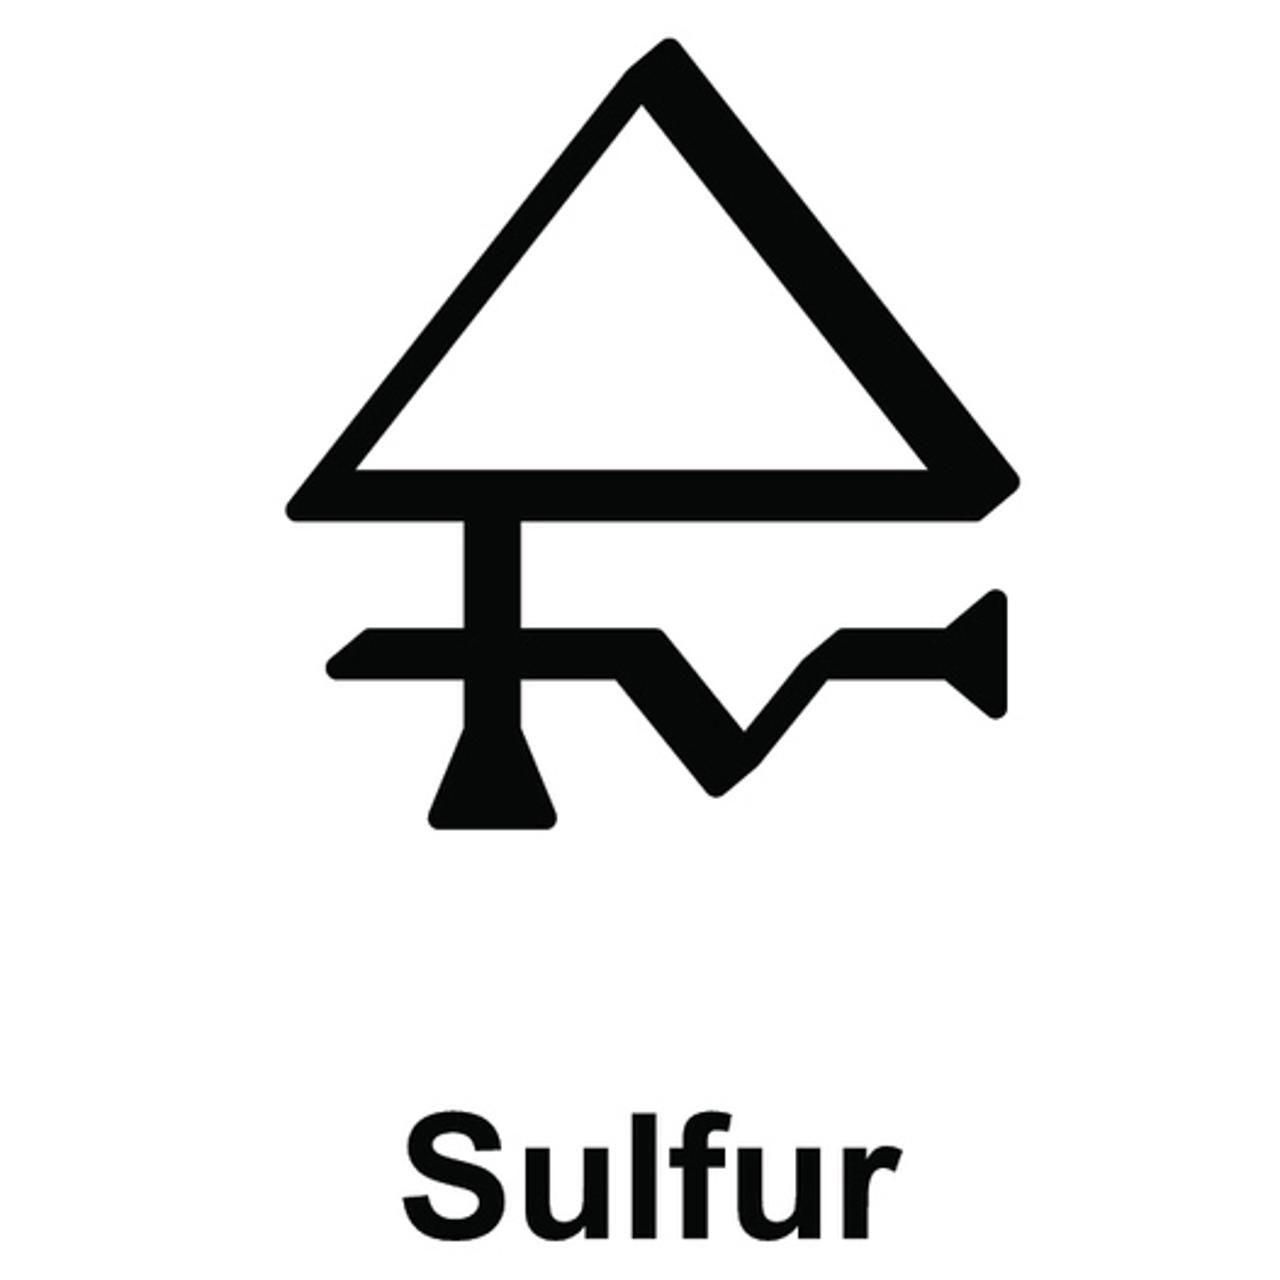 Alchemy Sulfur Symbol Symbols Pinterest Symbols Alchemy